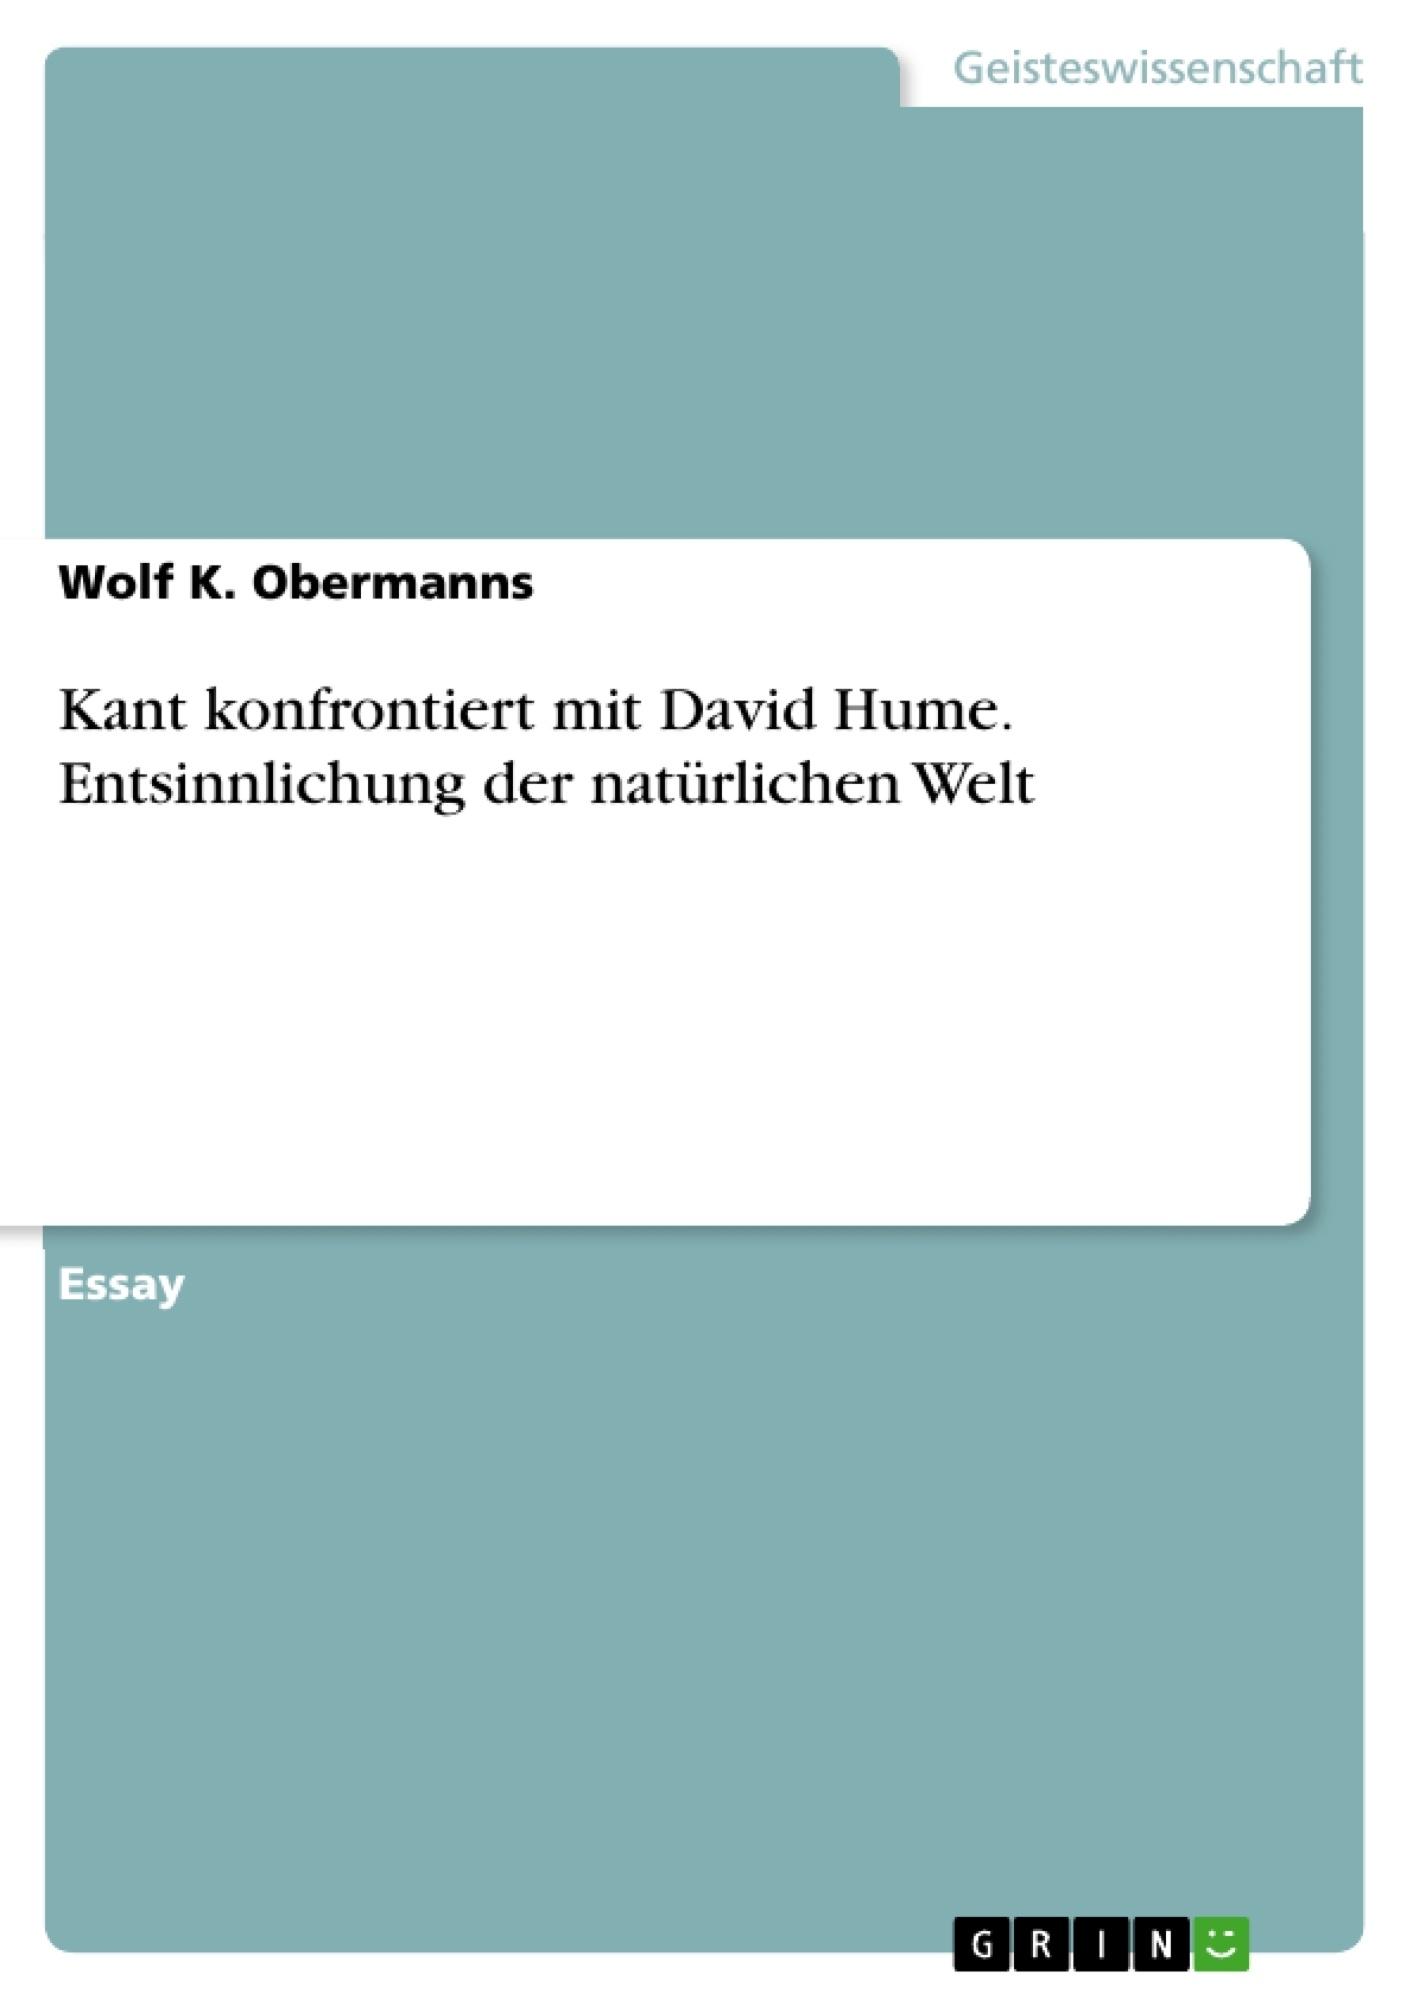 Titel: Kant konfrontiert mit David Hume. Entsinnlichung der natürlichen Welt